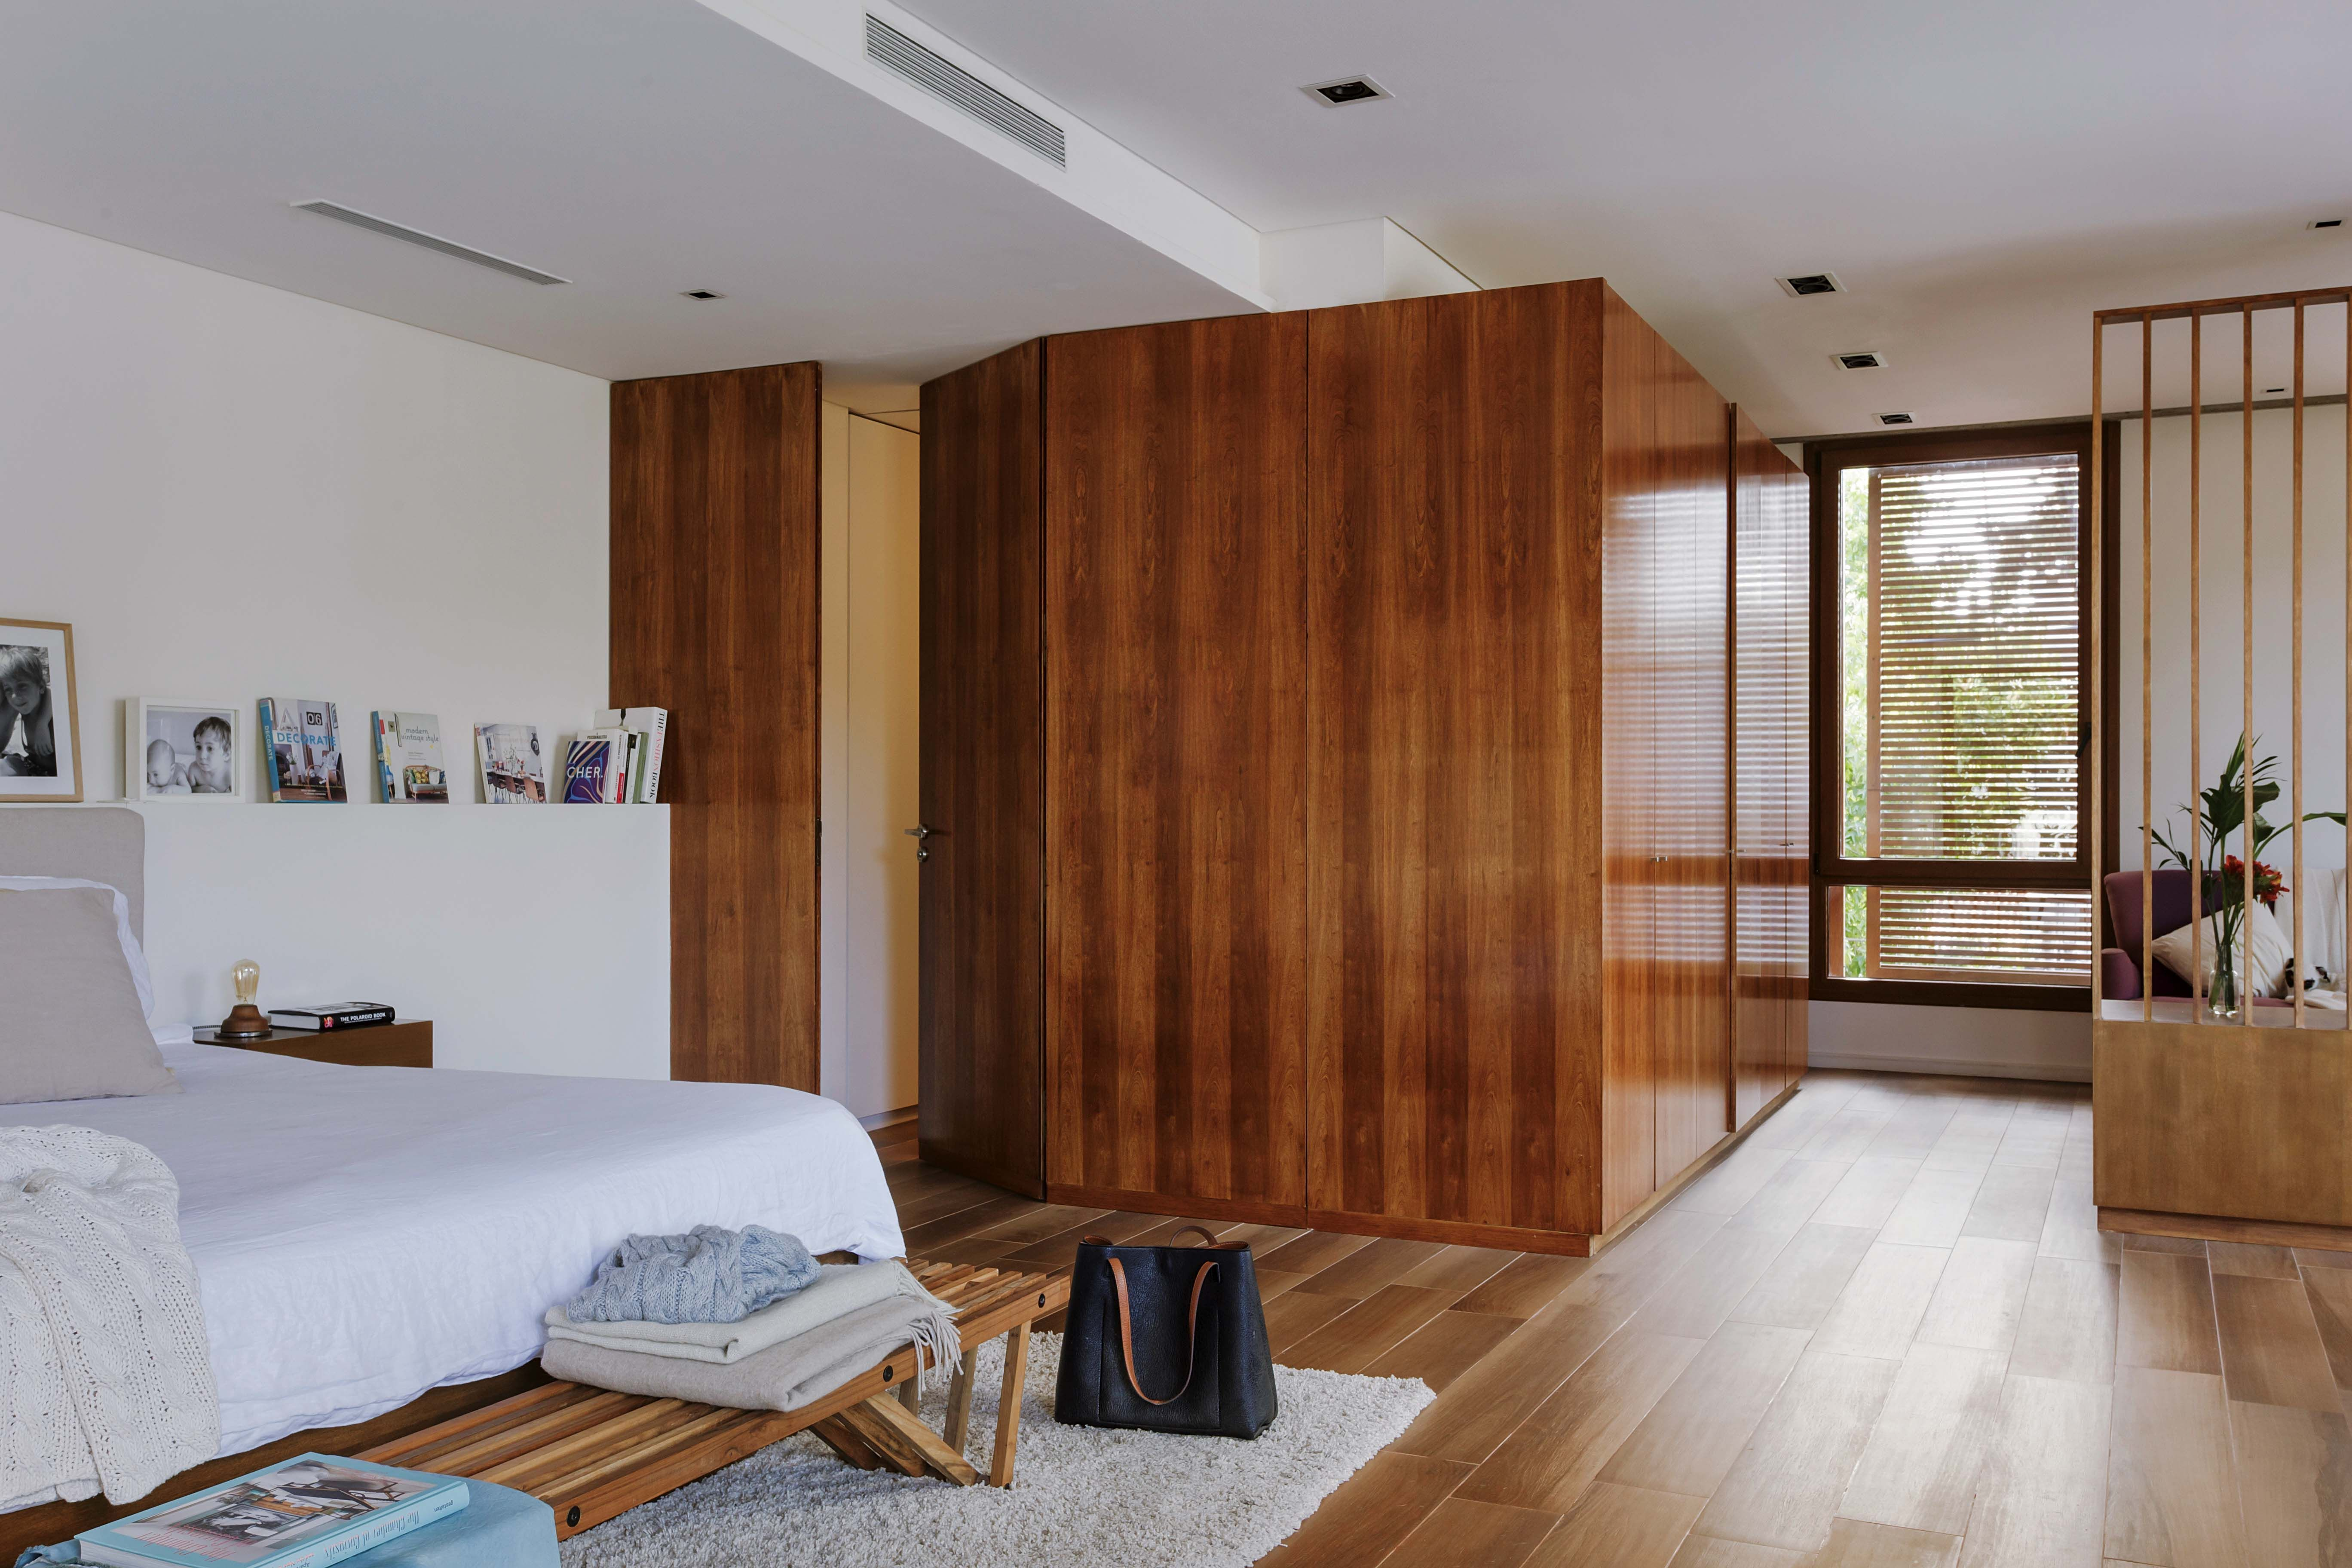 Dormitorio moderno con cama enchapada en madera y cabezal tapizado ...